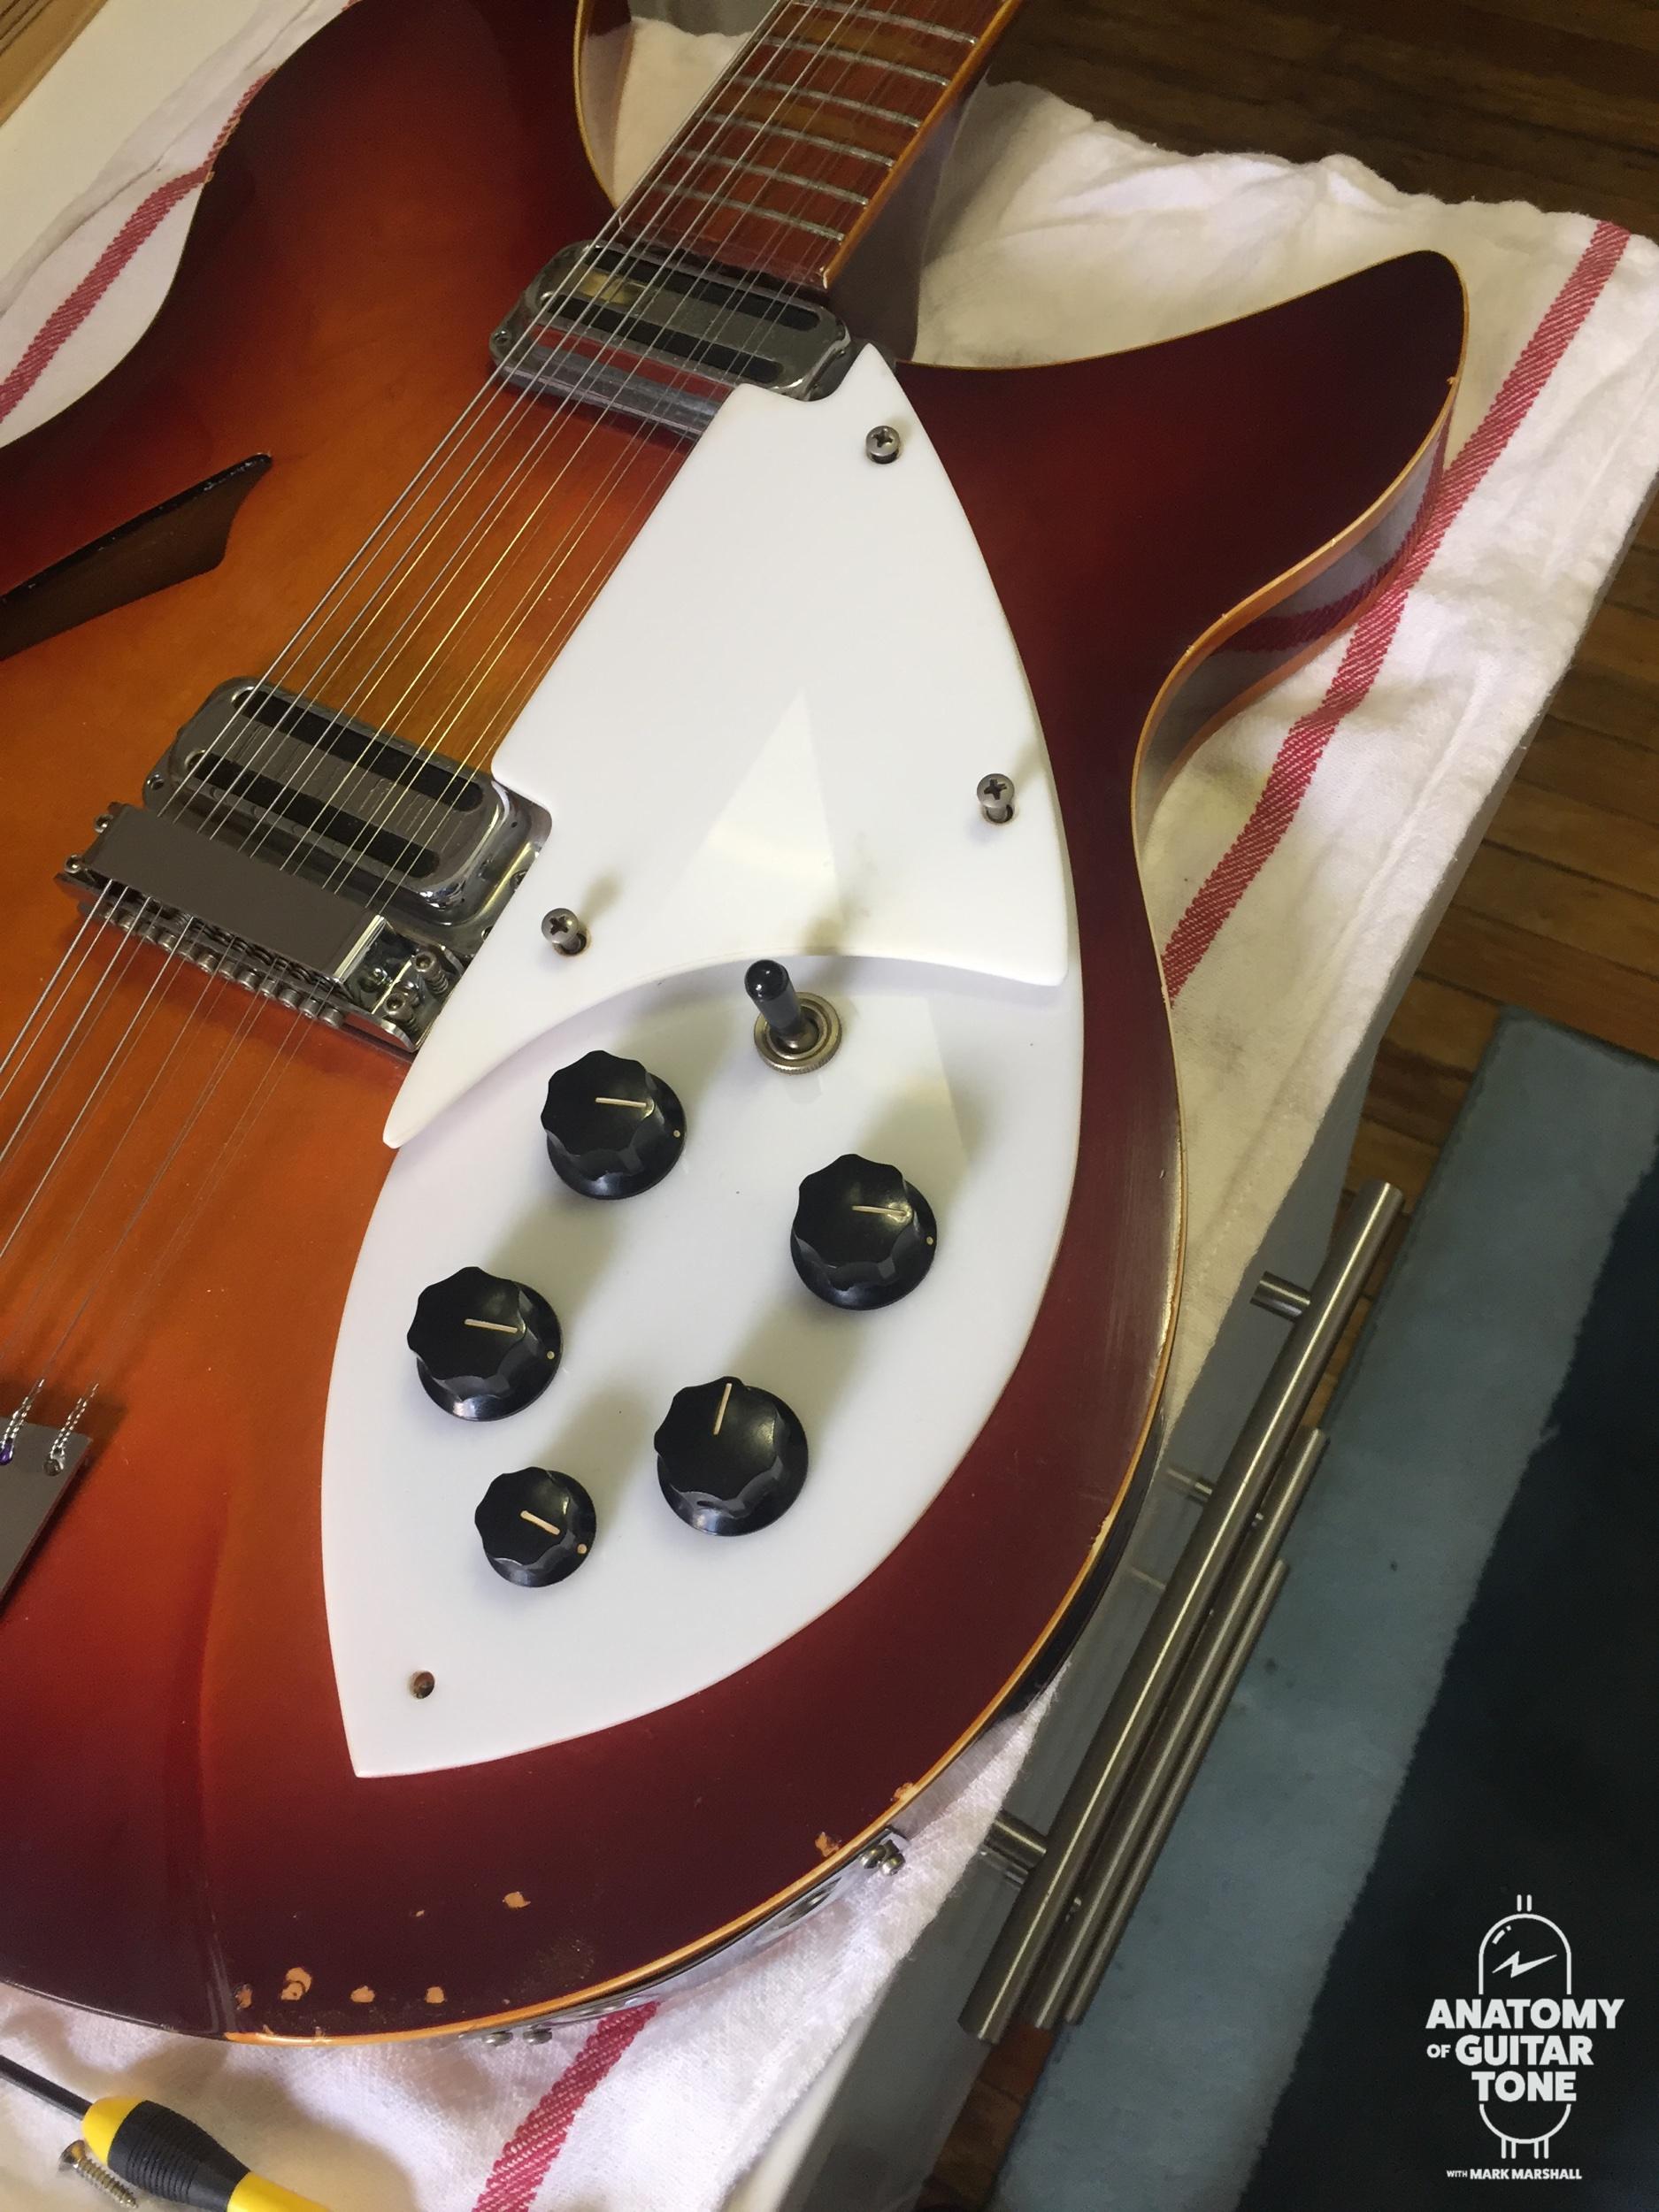 A vintage 1964 Rickenbacker 360 12